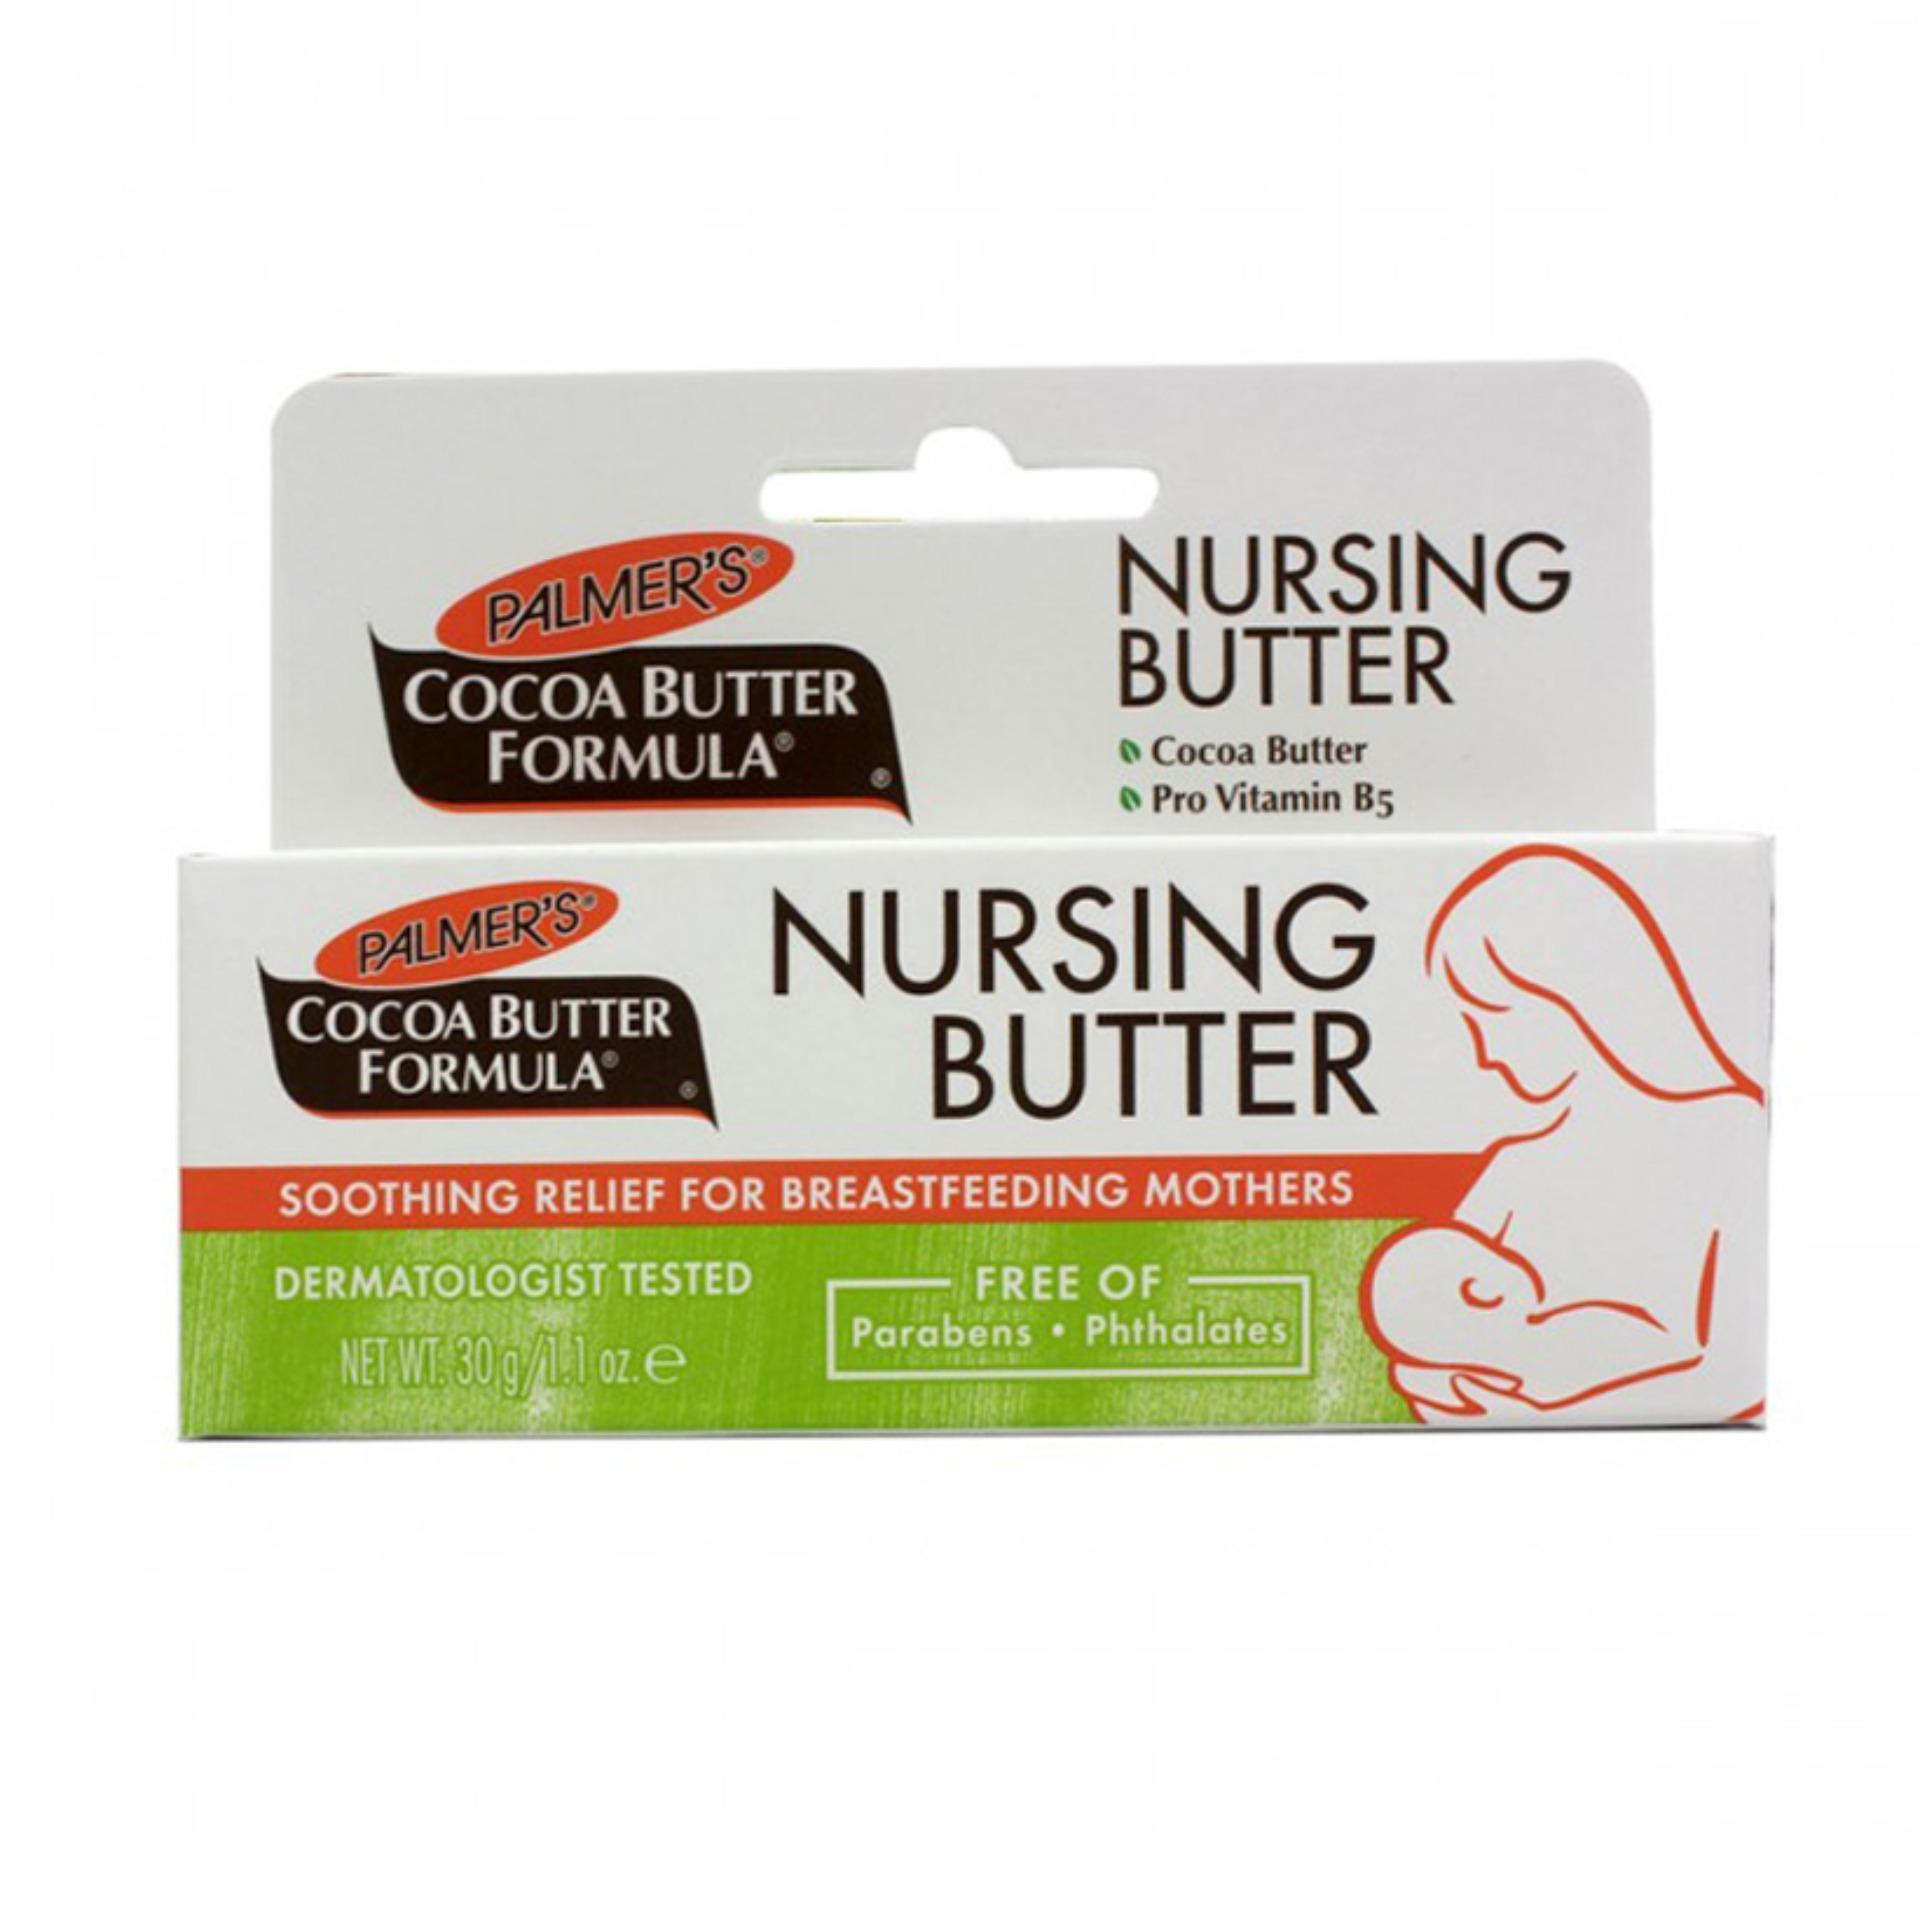 Kem ngăn ngừa nứt nẻ đầu ngực khi cho con bú Nursing Butter - Palmers tốt nhất